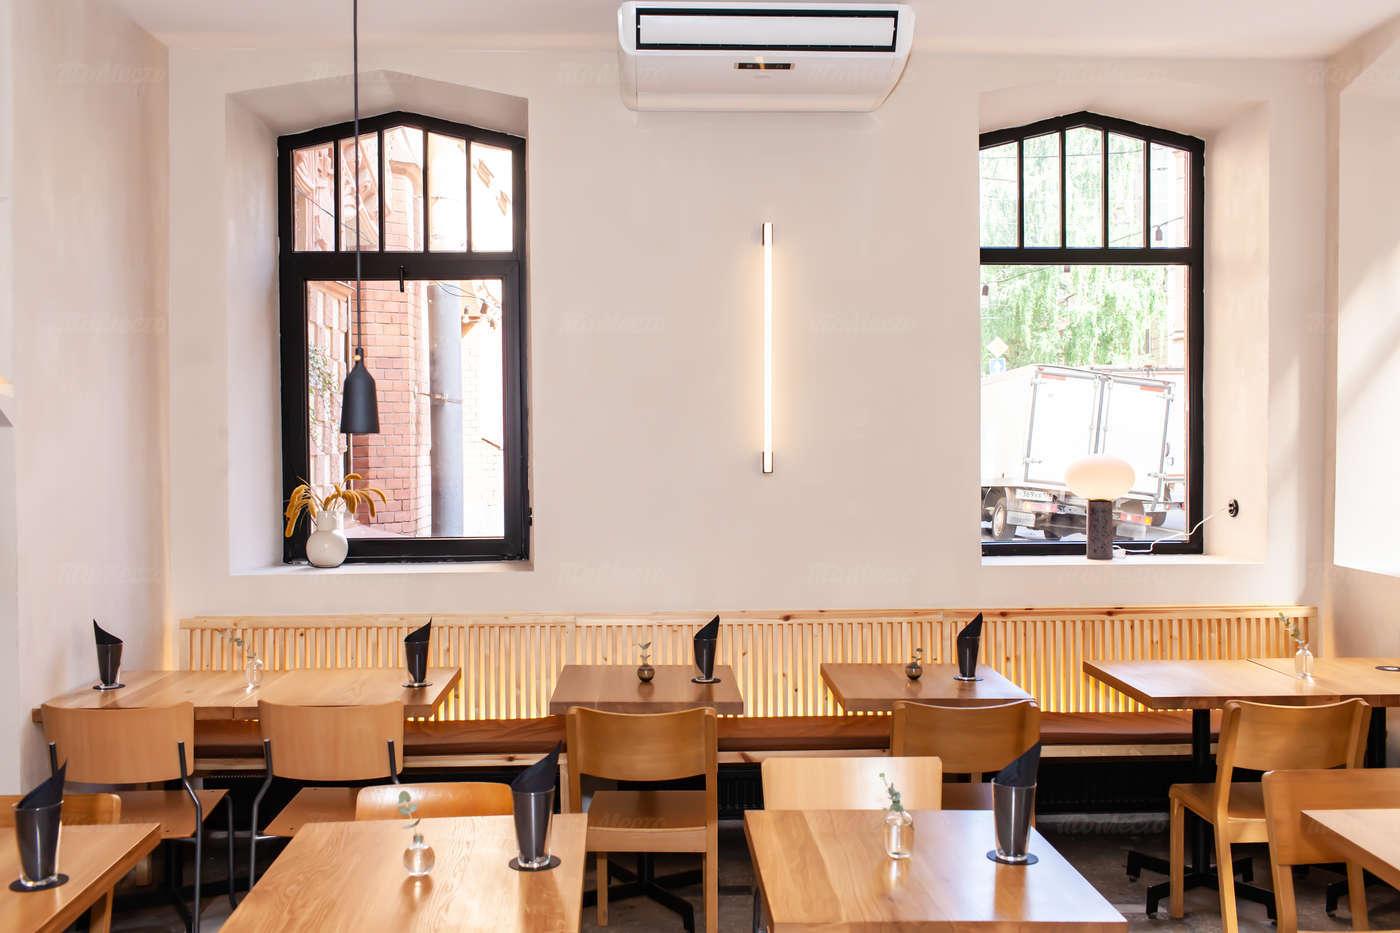 Банкеты ресторана Camorra Chimerica на Малом проспекте П.С. фото 4